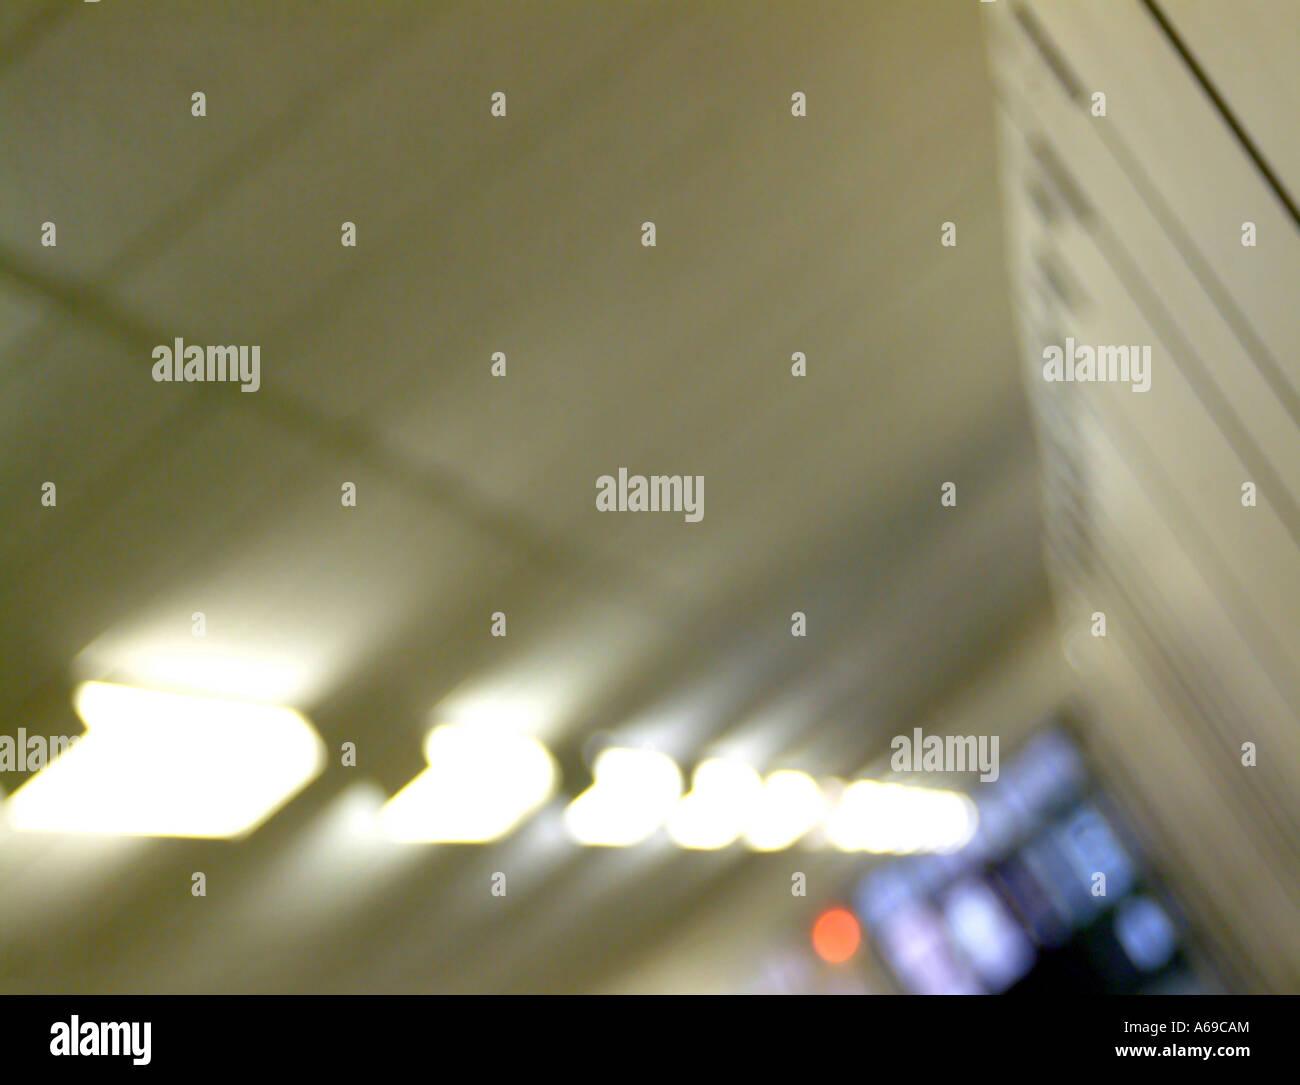 Resumen de arquitectura borrosa del pasillo de la iluminación. Imagen De Stock